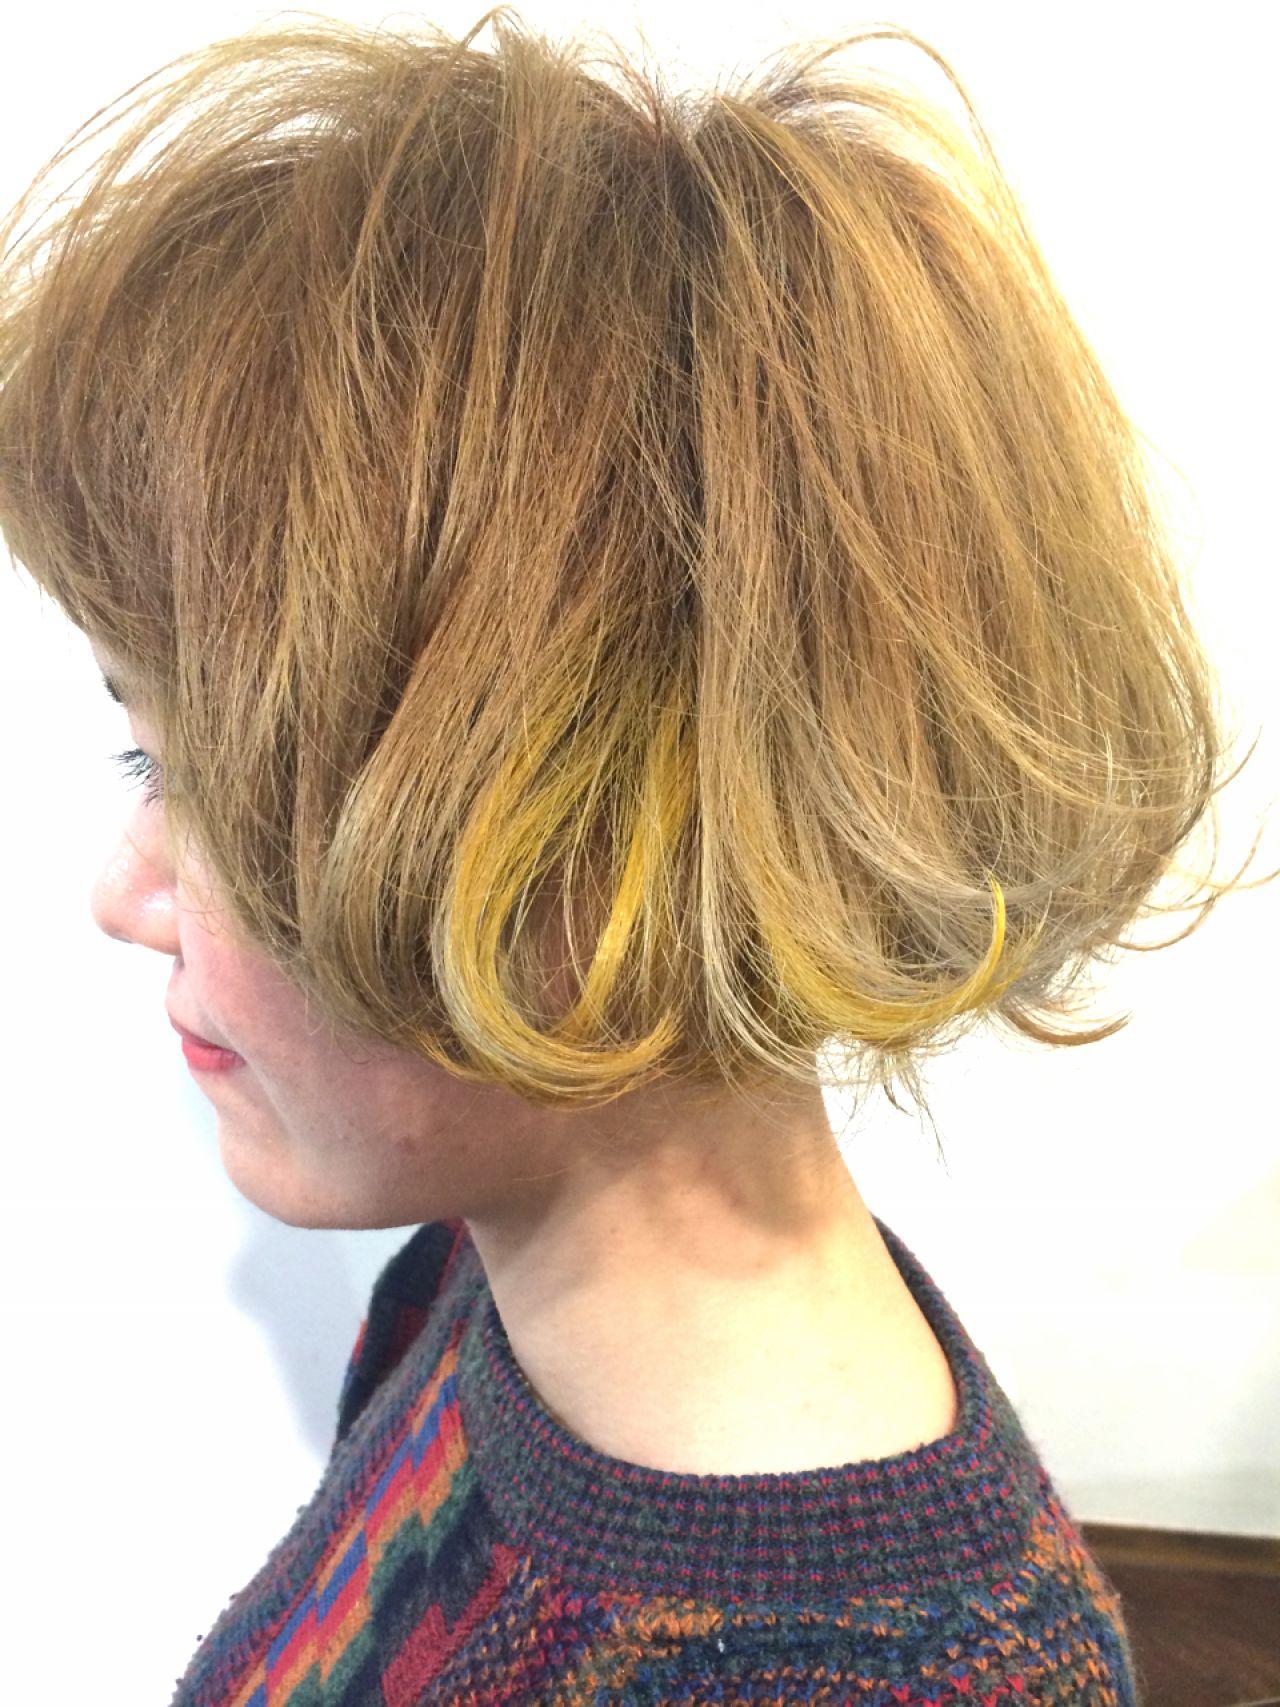 人と被らない私だけのスタイルに。ボブ×グラデーションカラーのヘアスタイルまとめ HAIR ICI LUCE 井上 裕文